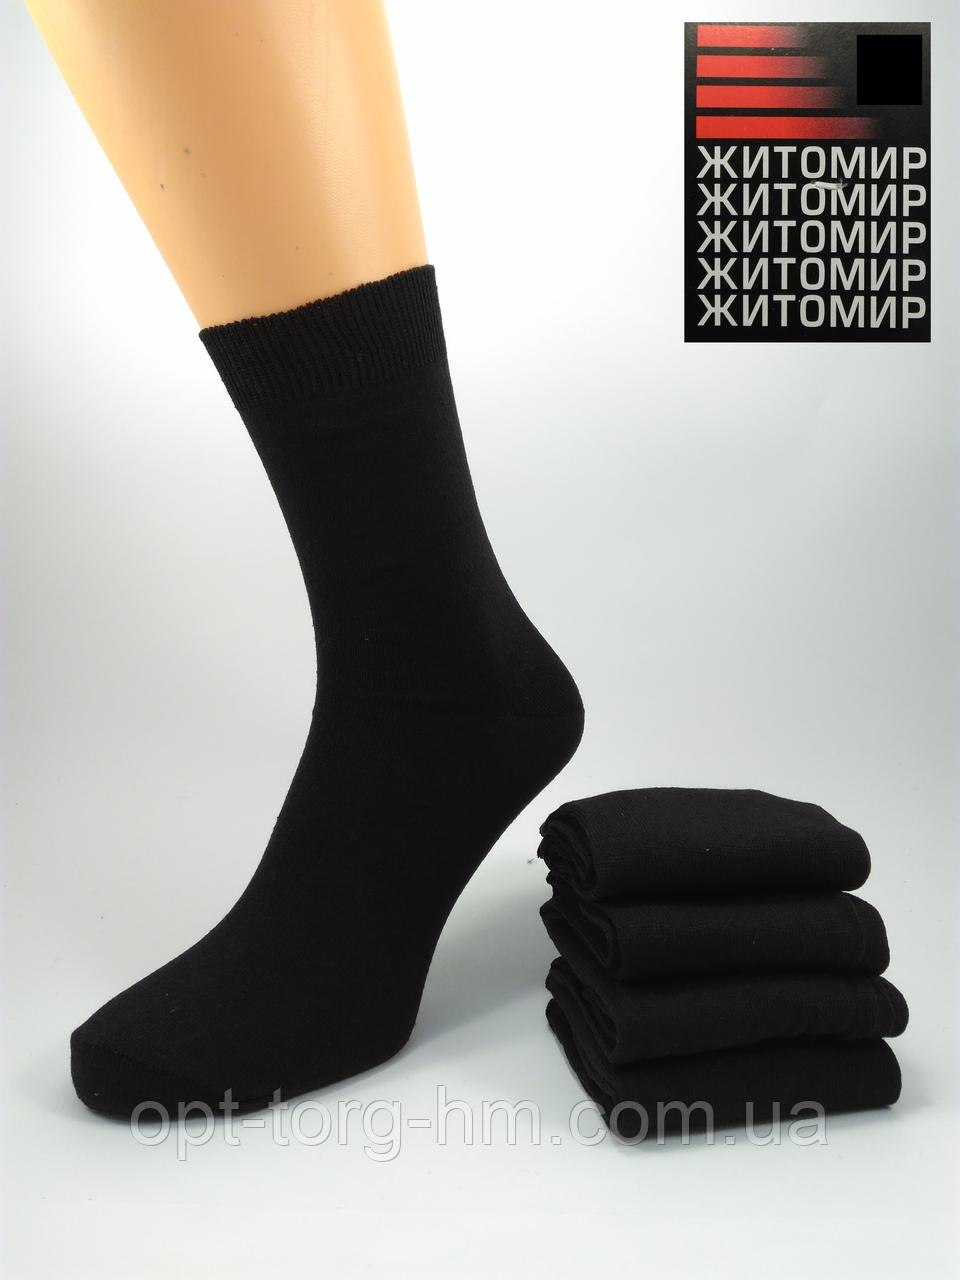 Гладкие черные мужские носки 27 (41-42ОБУВЬ)